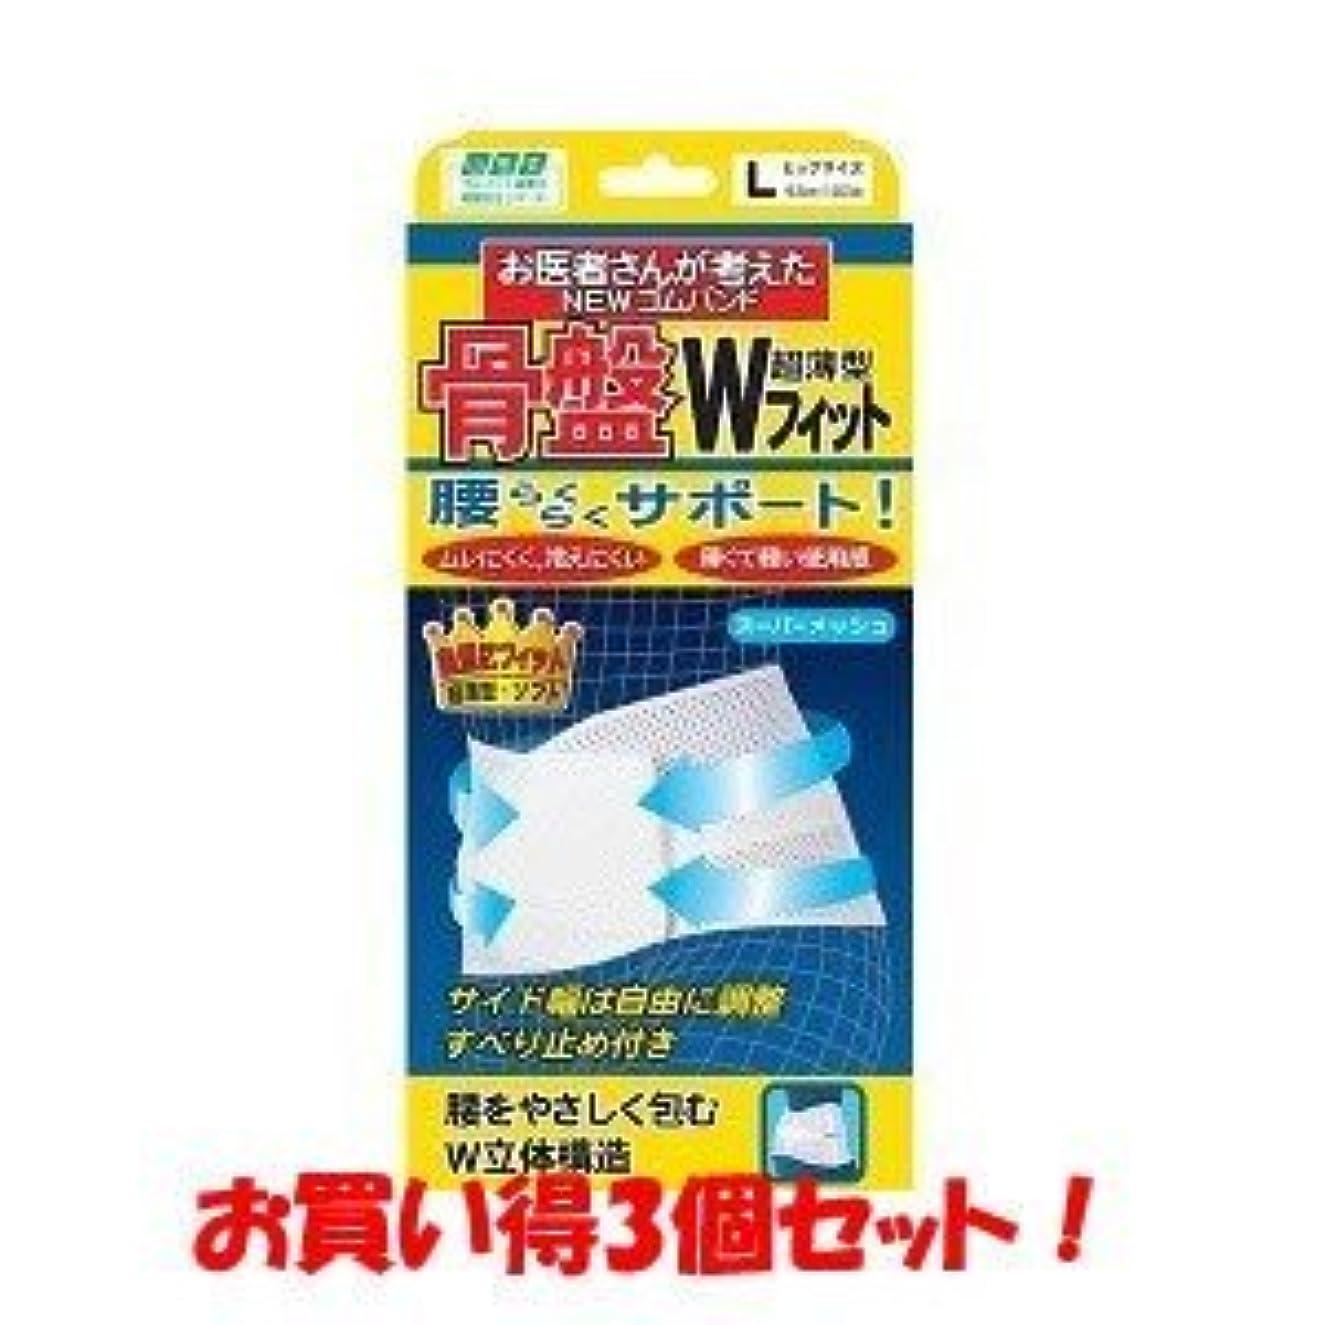 道路清めるギャンブル(ミノウラ)山田式 骨盤Wフィット L(お買い得3個セット)